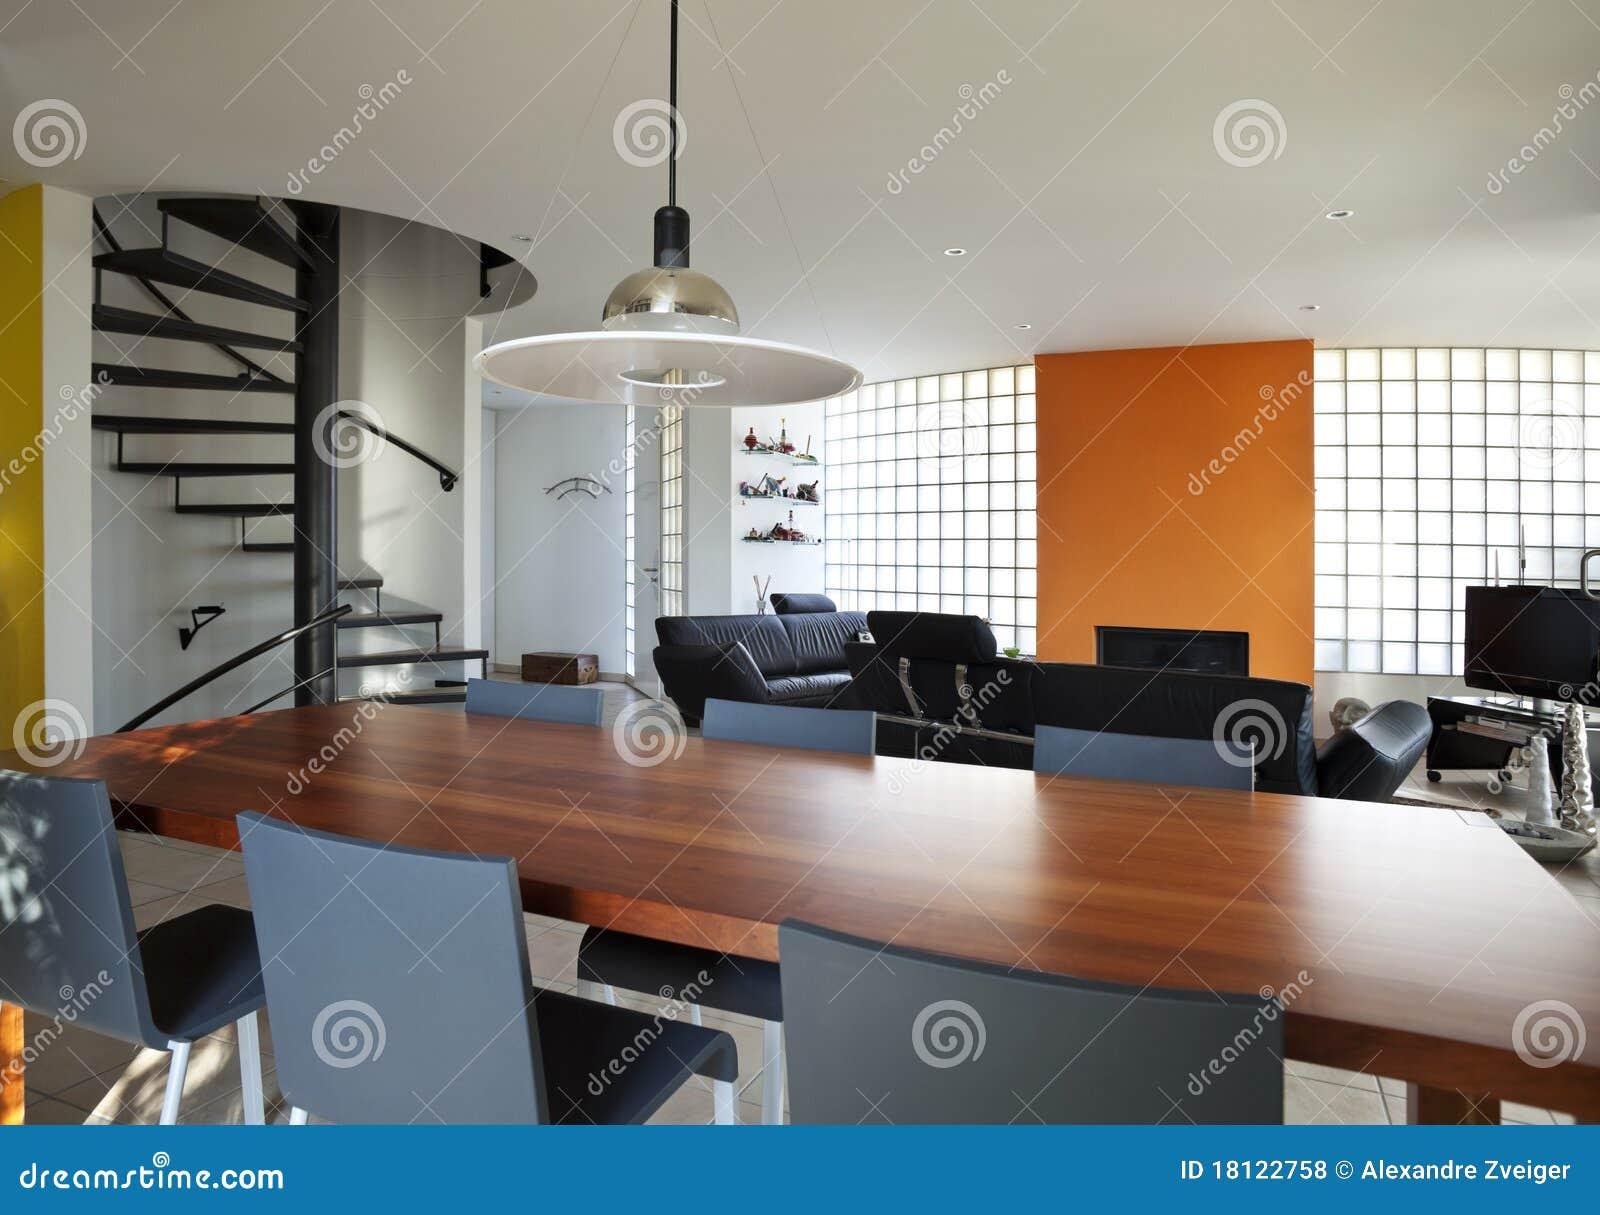 Casa moderna sala de jantar fotos de stock royalty free for Salas de casas modernas